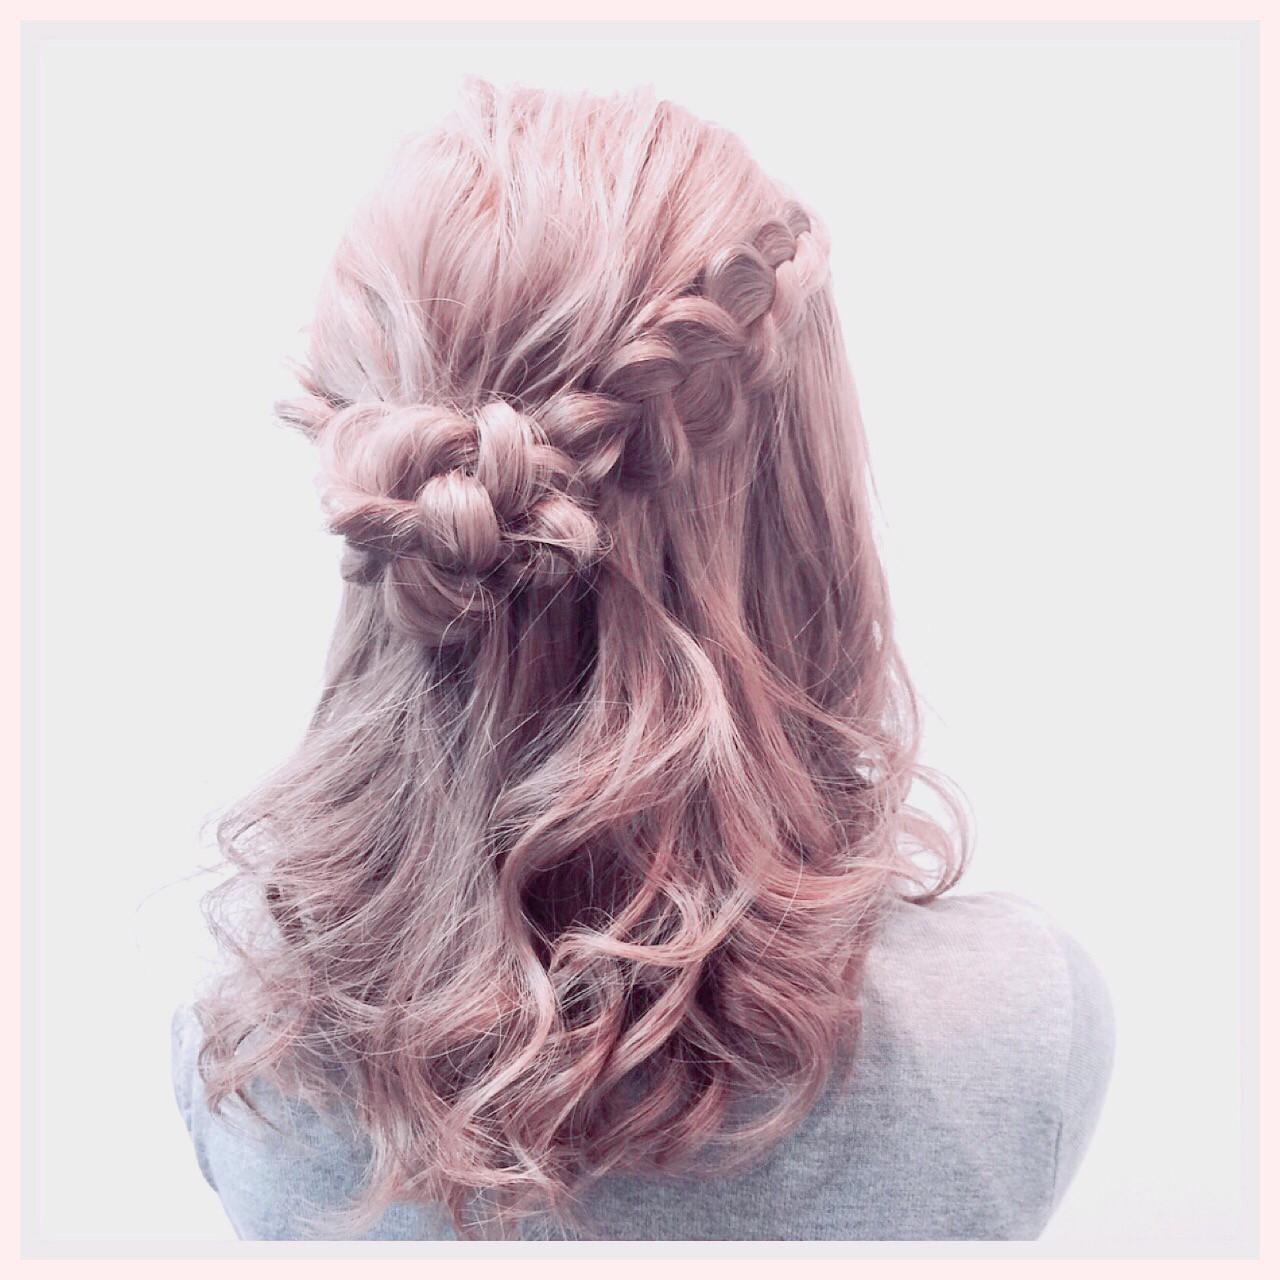 編み込み ヘアアレンジ ロング ハーフアップ ヘアスタイルや髪型の写真・画像